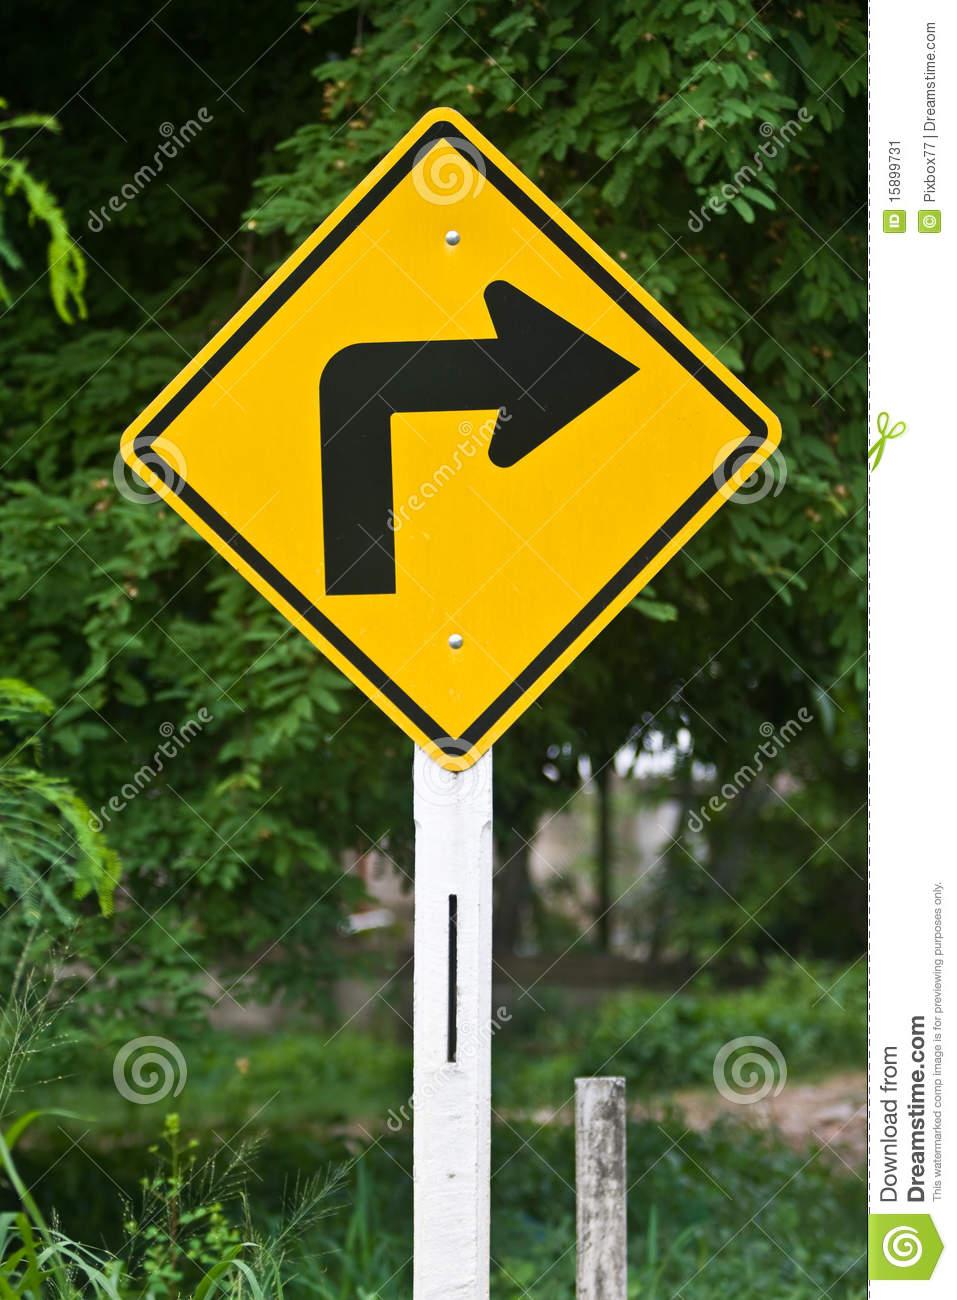 Analizan eliminar vueltas a la derecha en el @MunicipioAgs